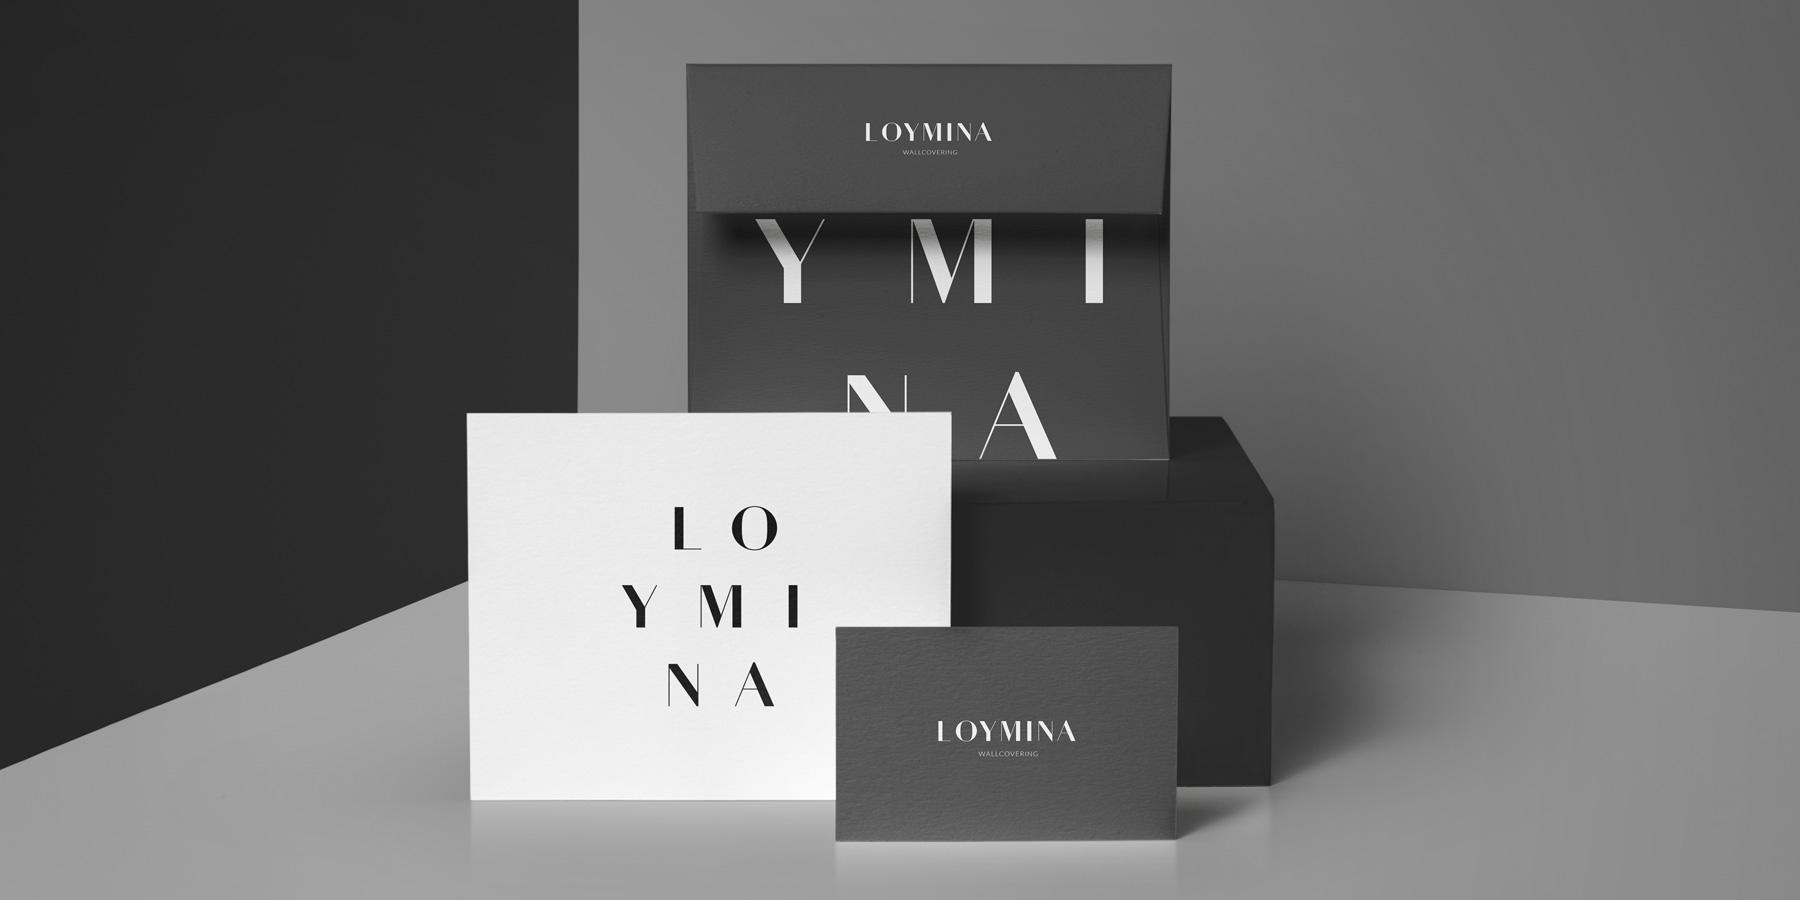 Loymina / Dutchy Design / Branding & Design Portfolio